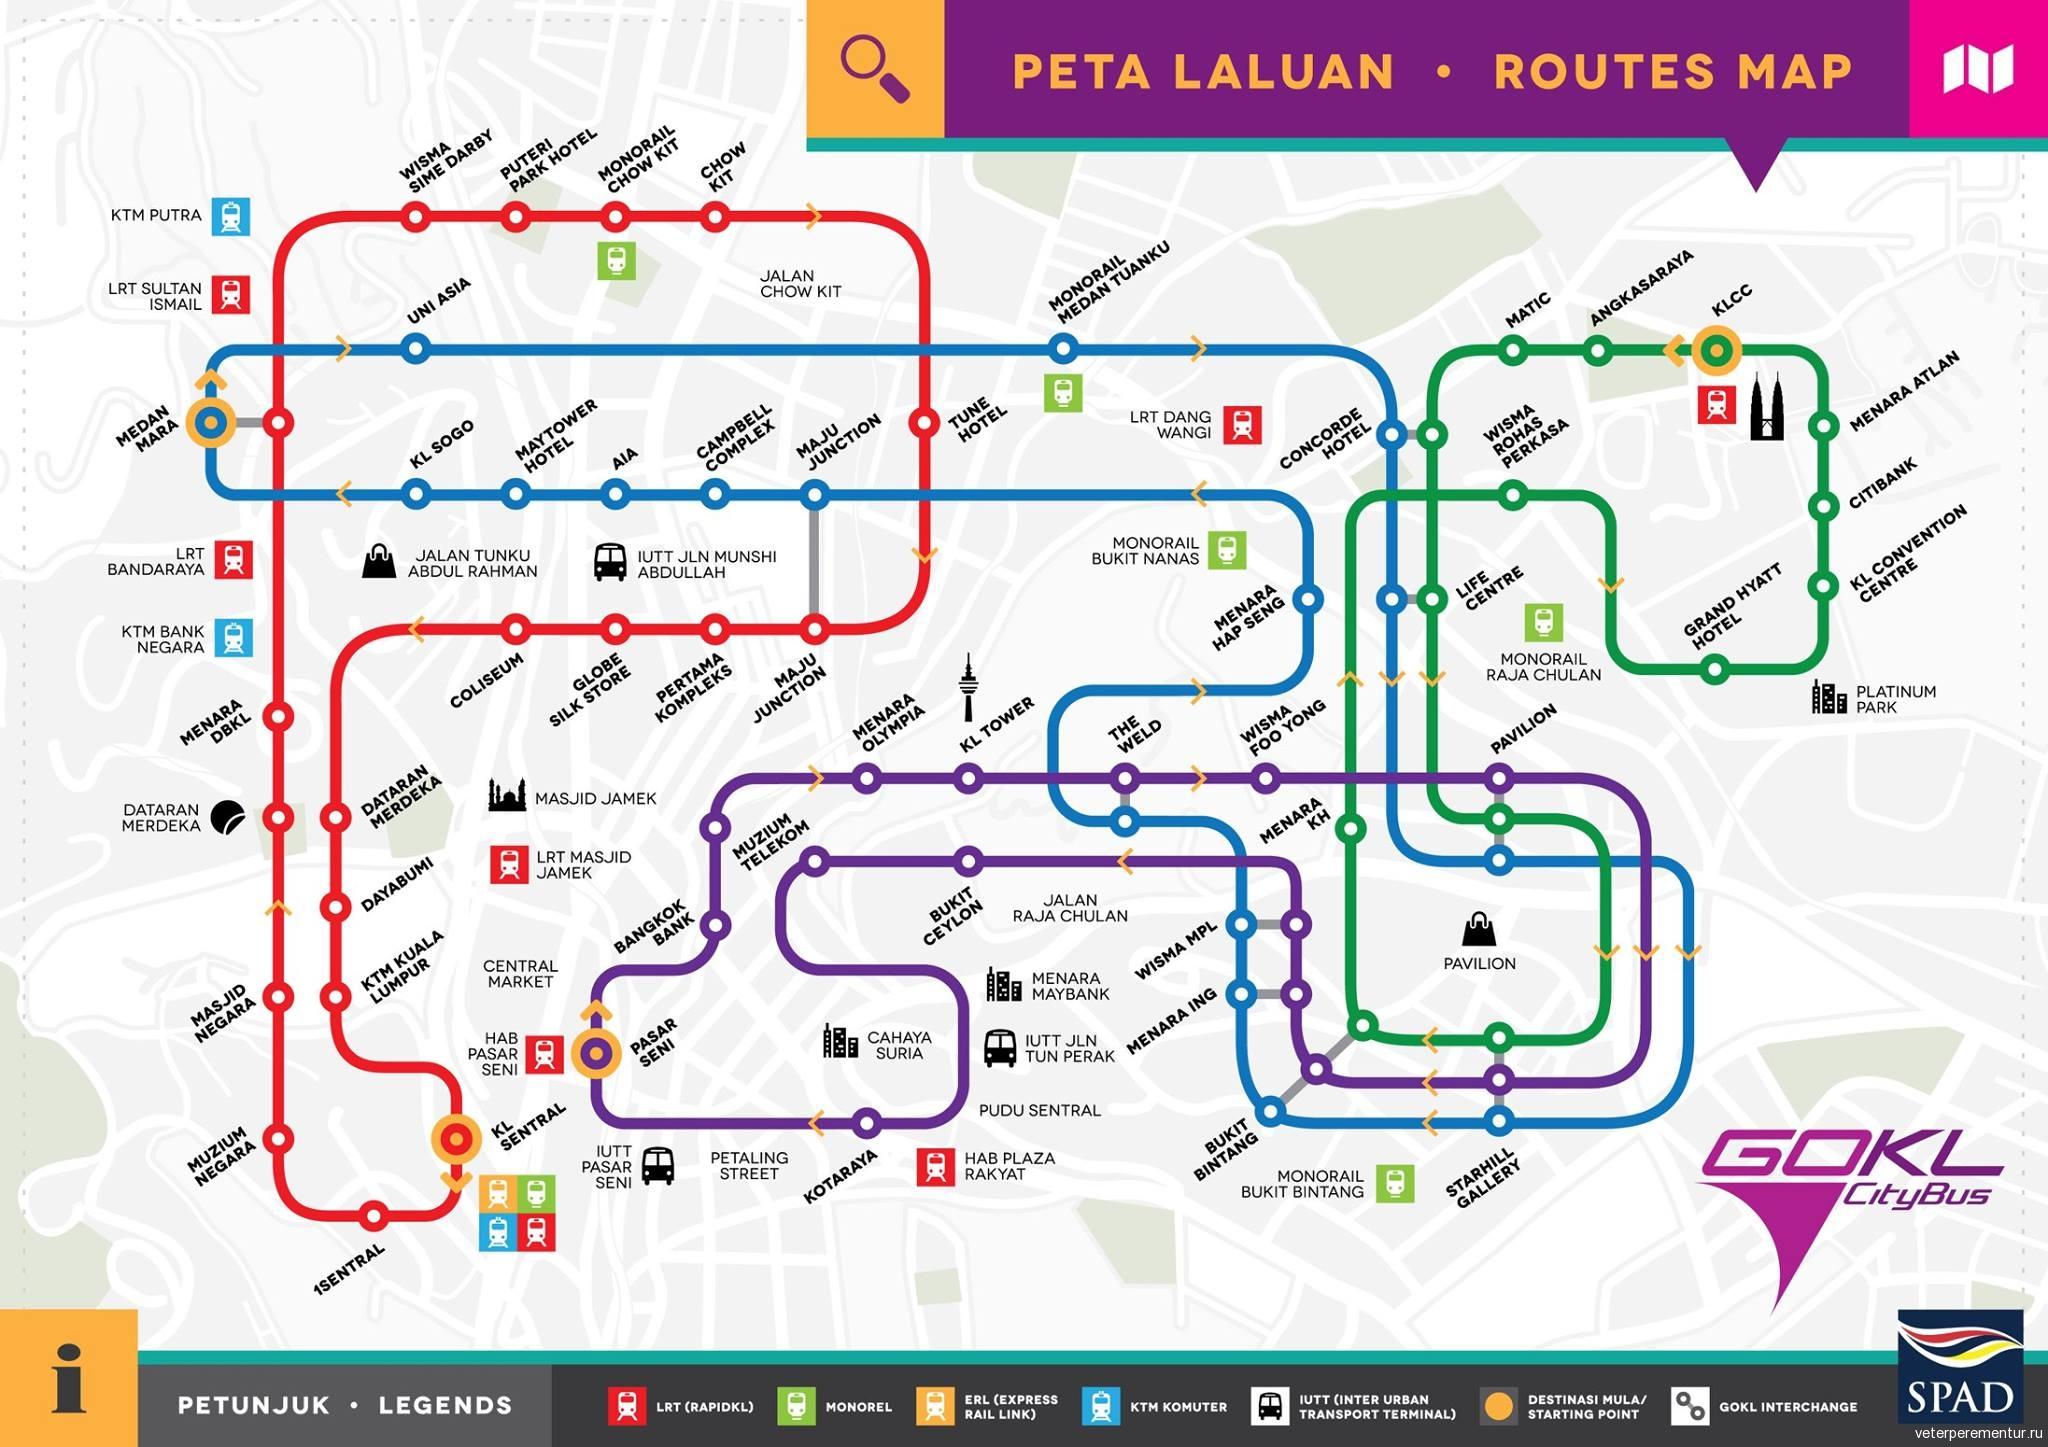 Карта маршрутов бесплатного туристического автобуса в Куала Лумпуре